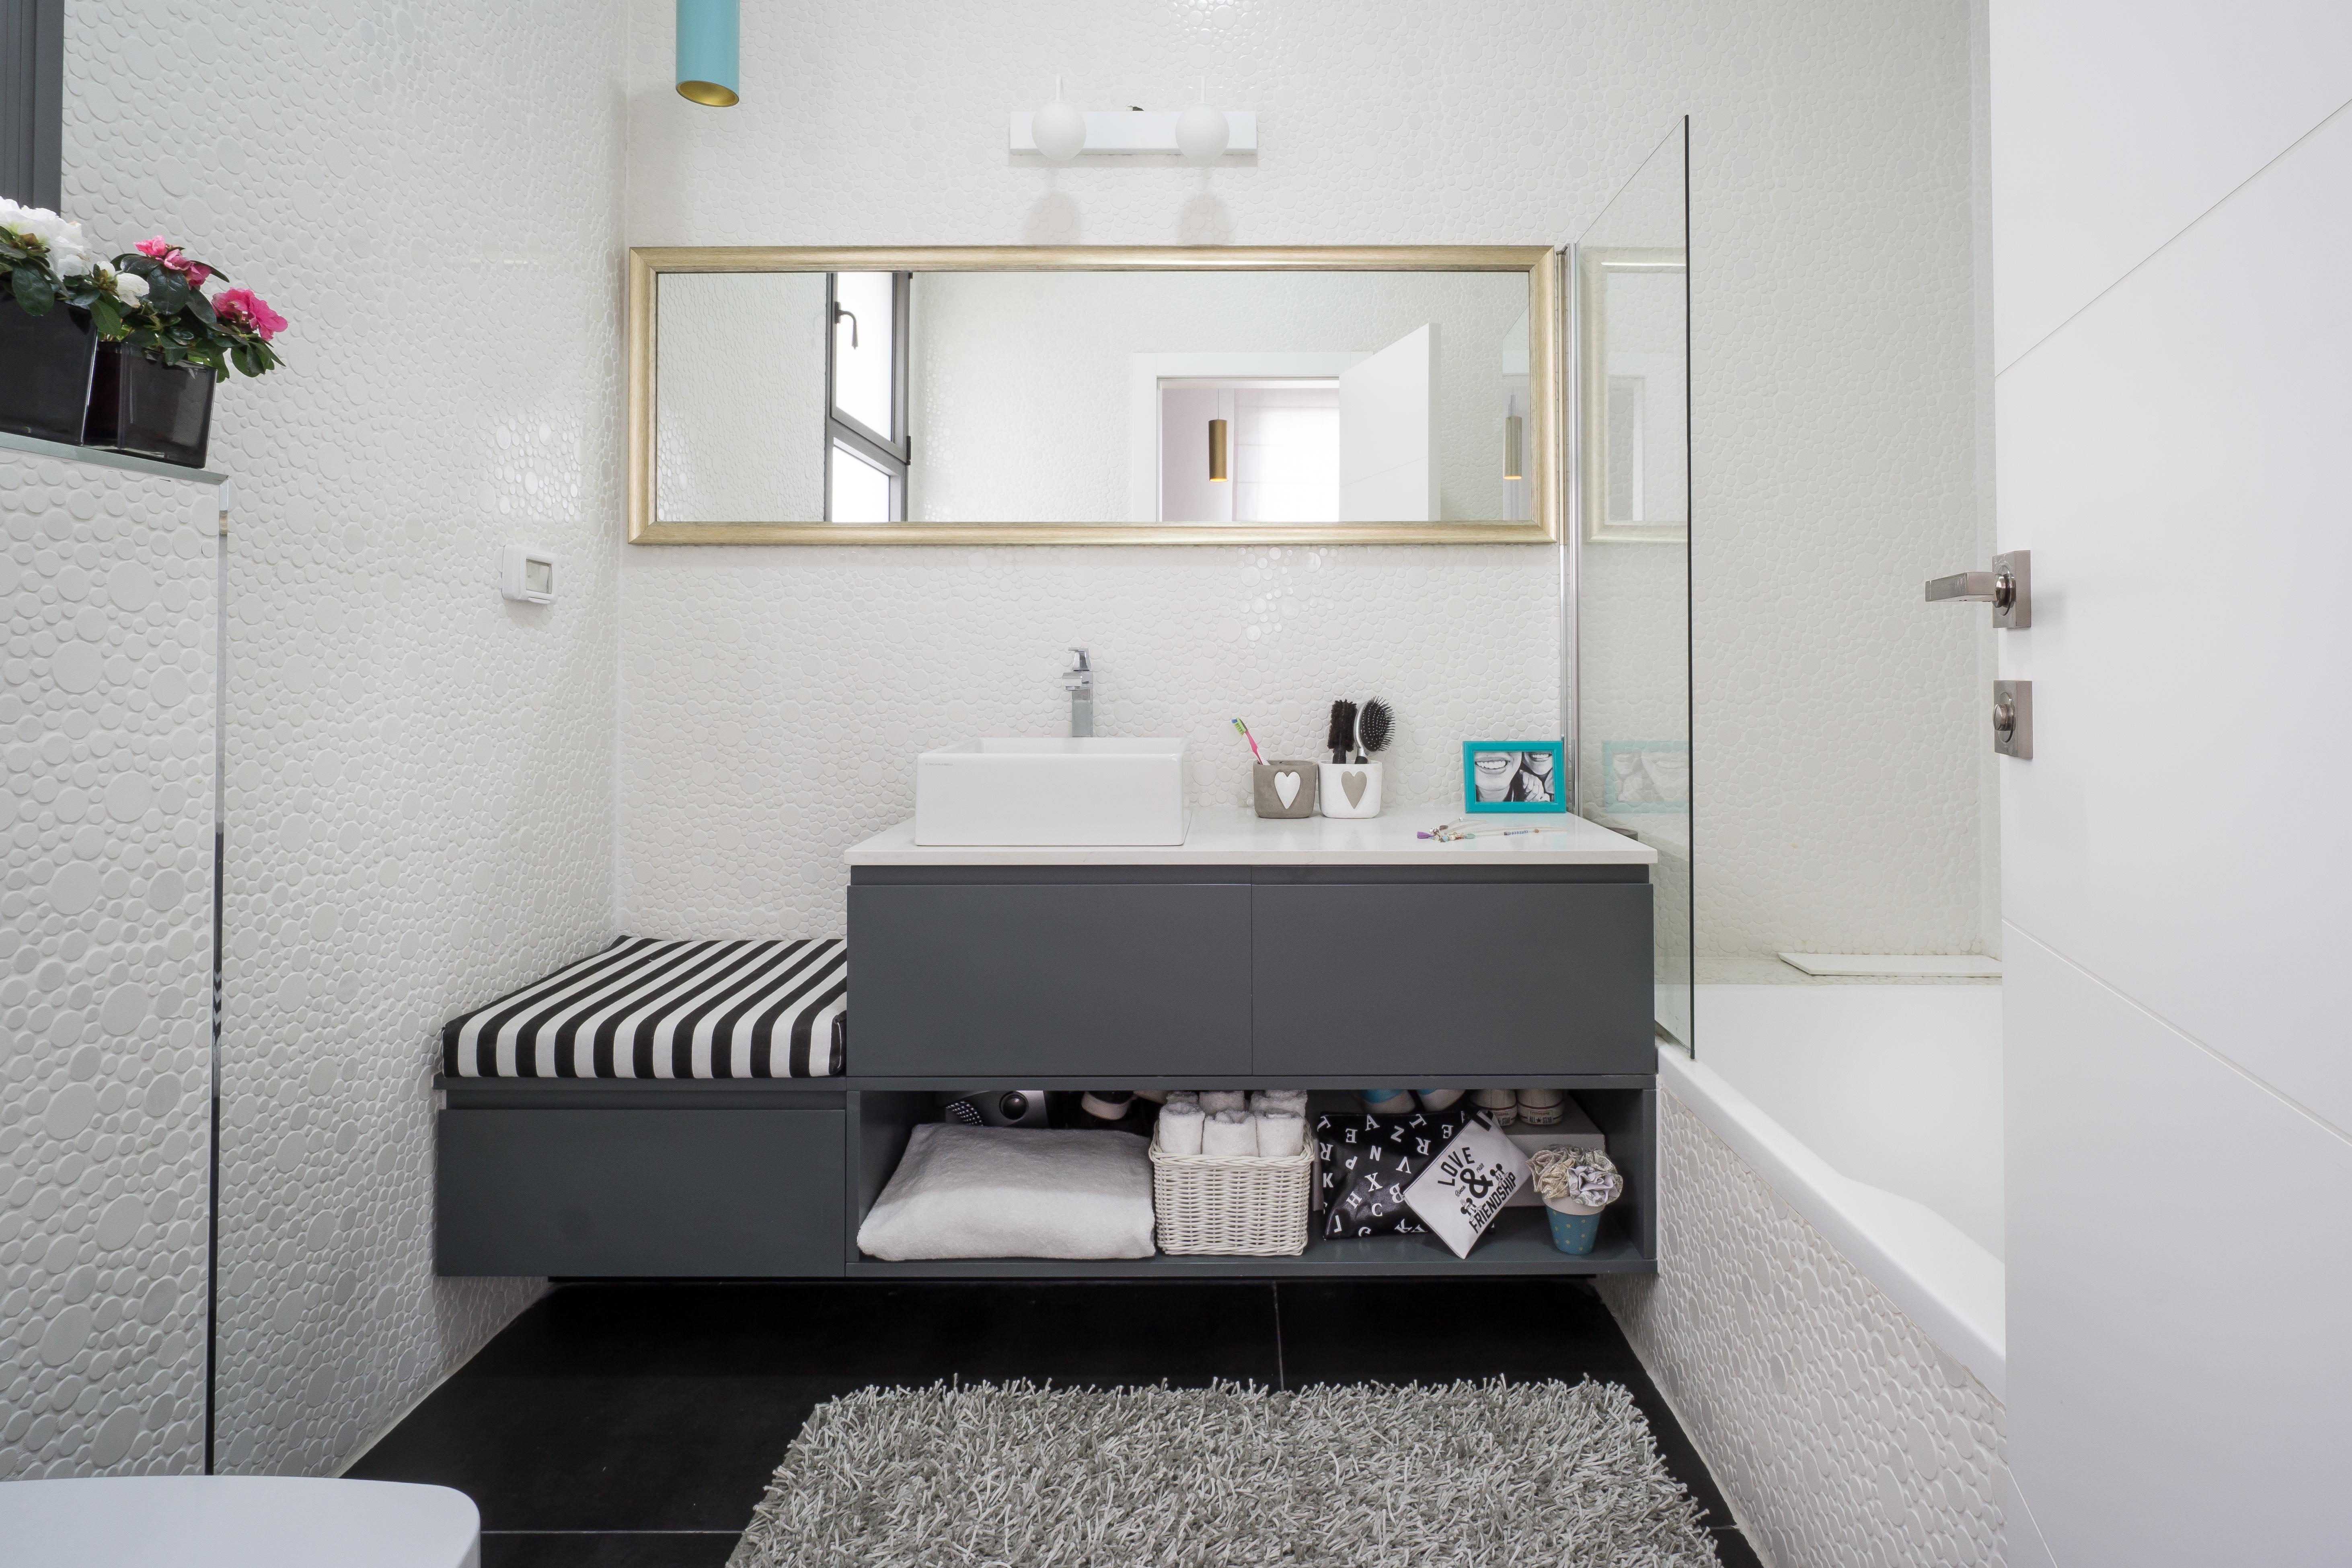 ארון אפור מרחף חדר רחצה